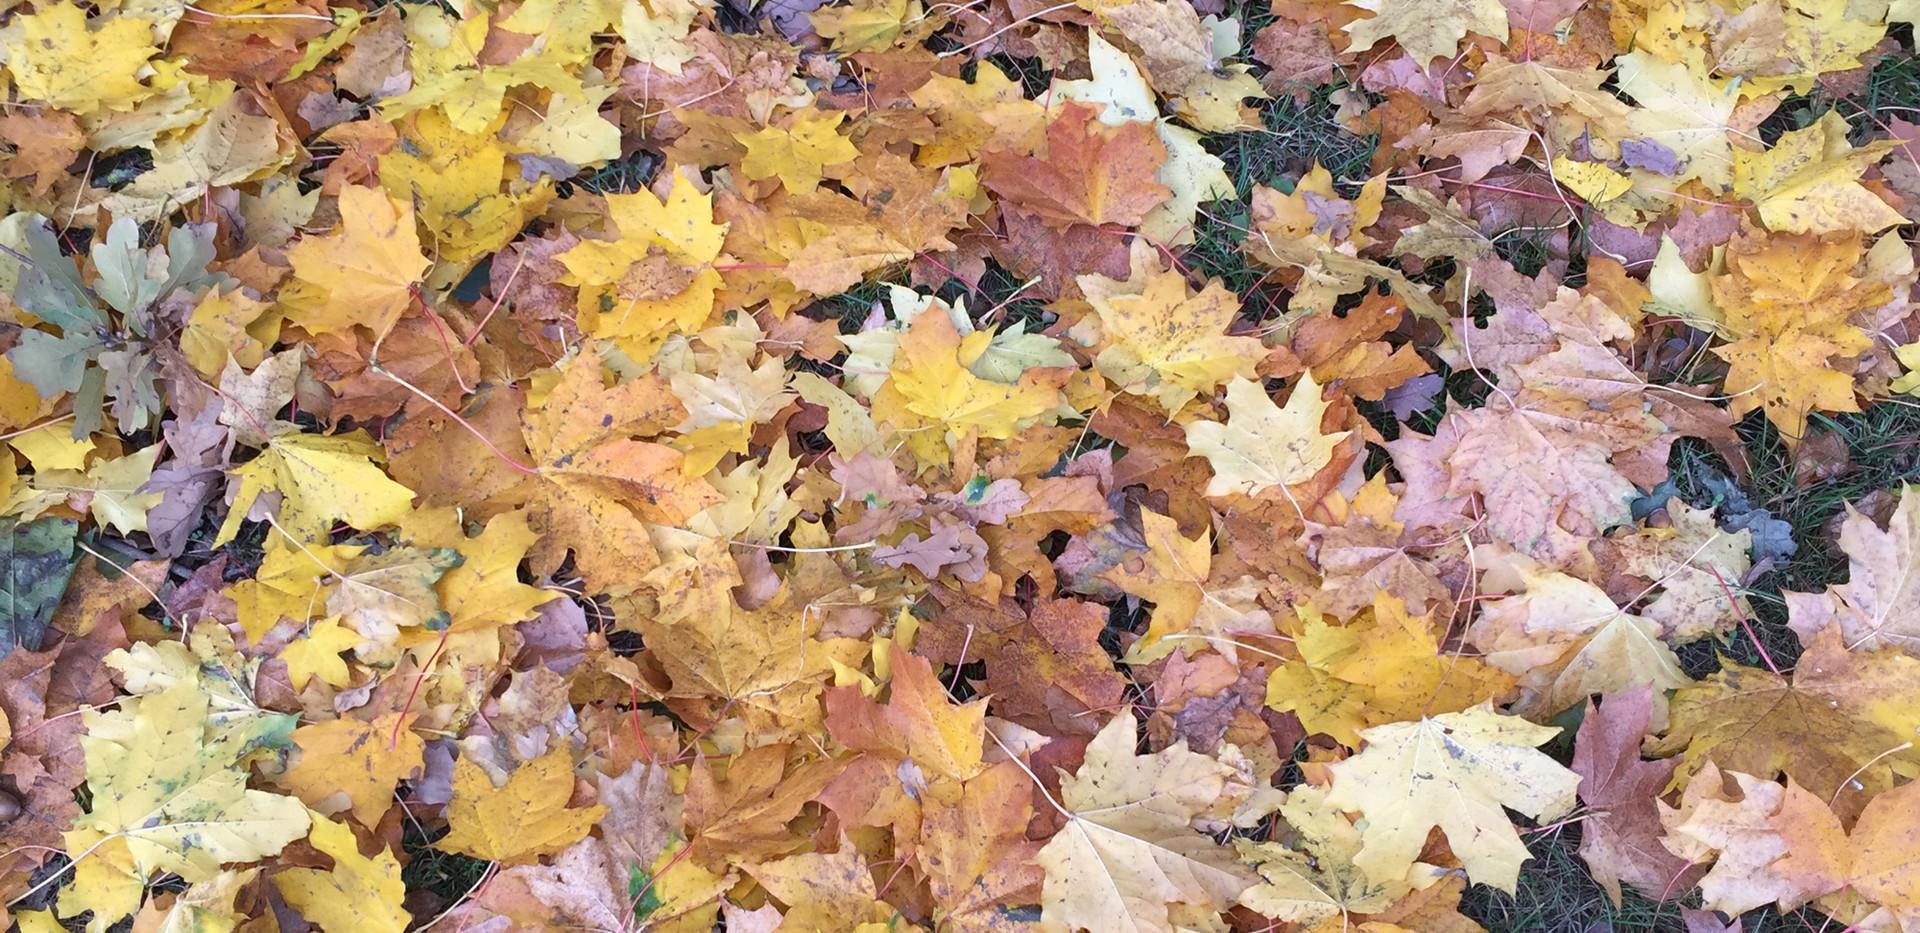 Herbstlaub.jpg